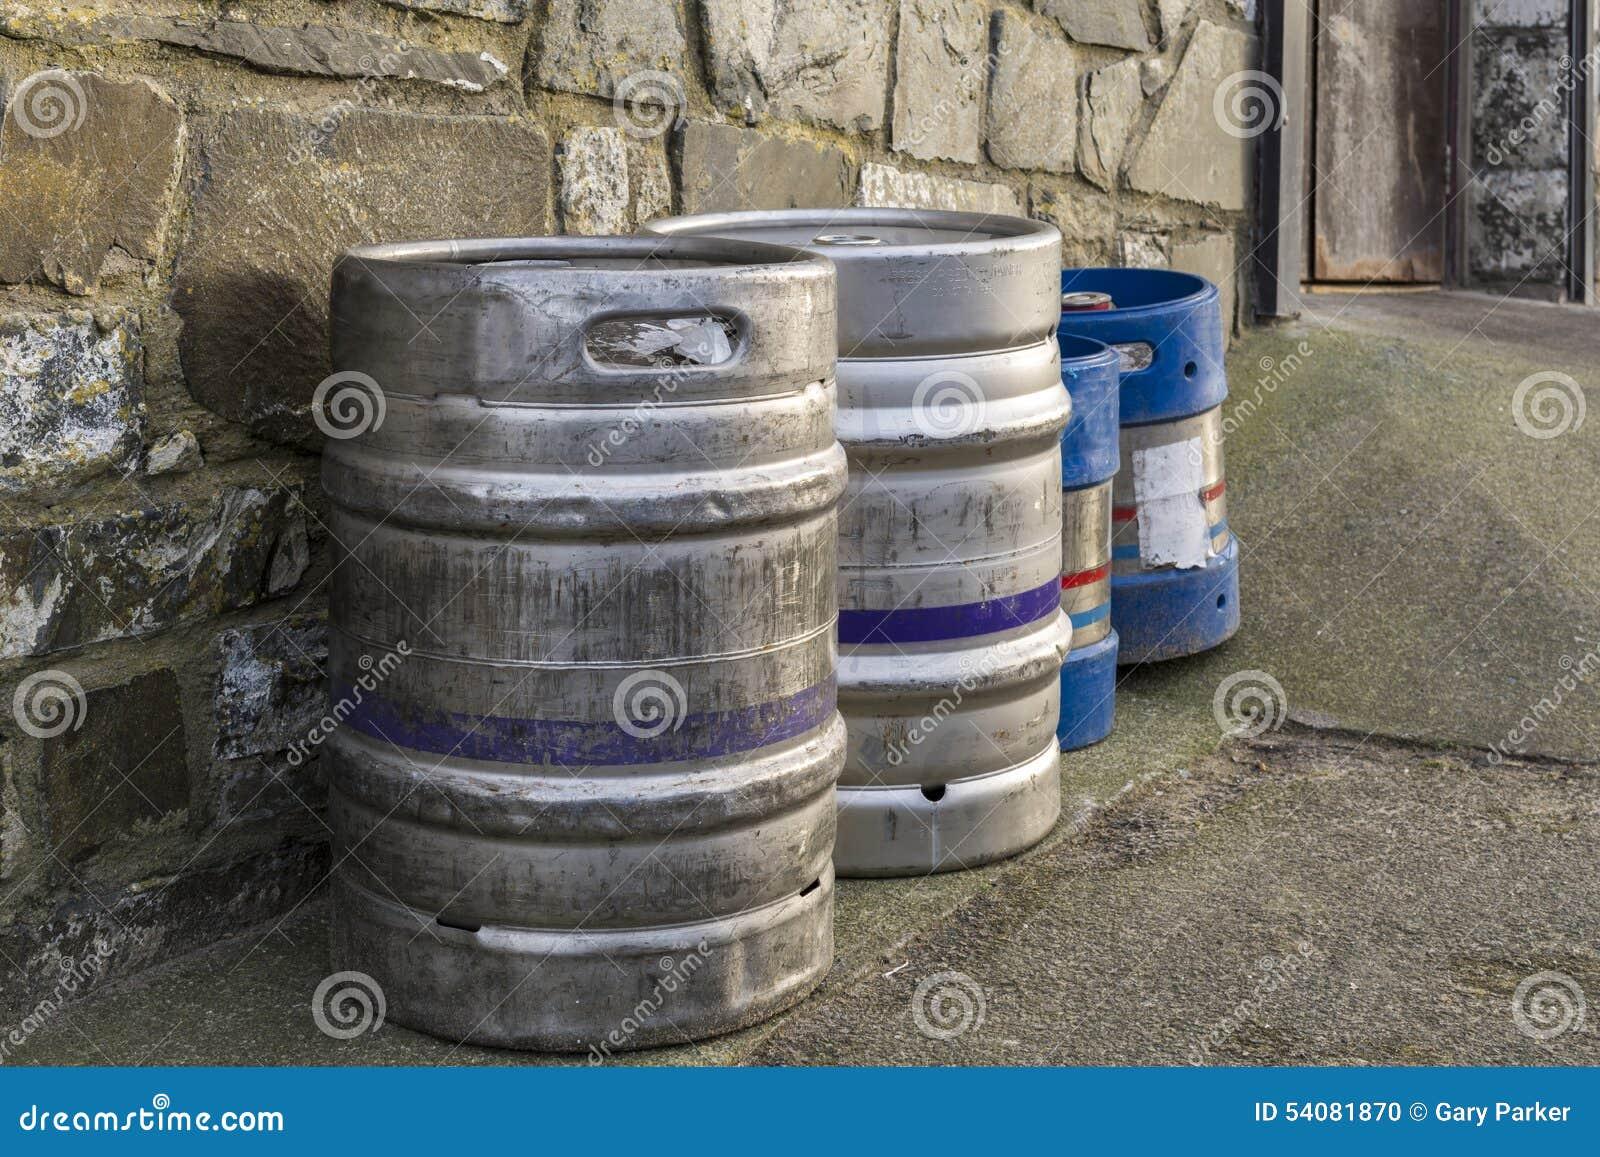 Biervaatjes tegen een buitenmuur worden opgesteld die